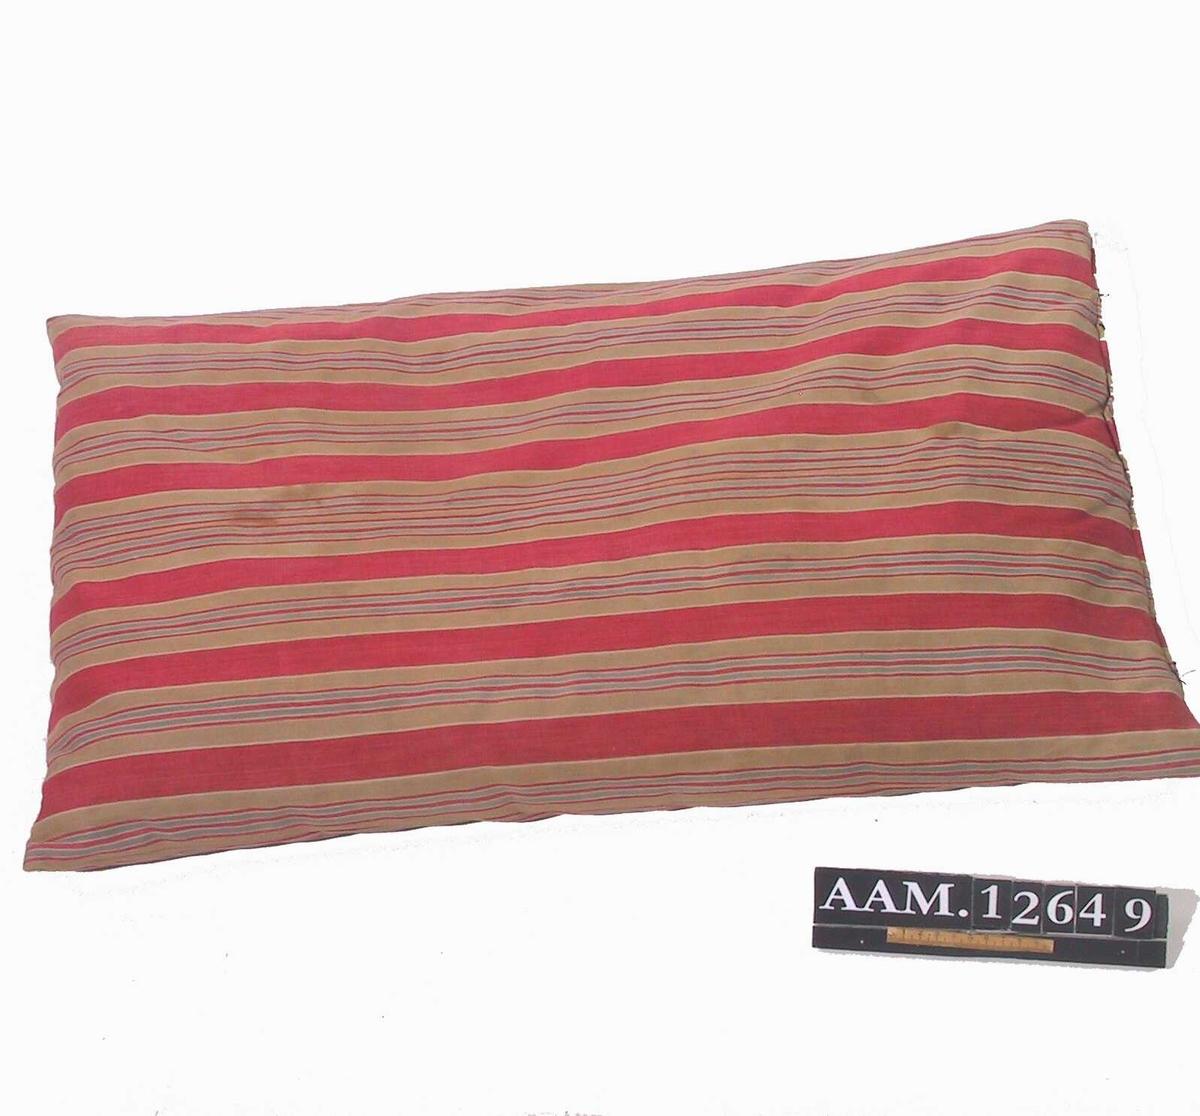 Pute med stripet bolster. Forholdsvis lite fjær, striper på langs i rødt vekslende med lysbrune med blå og røde smale imidten.